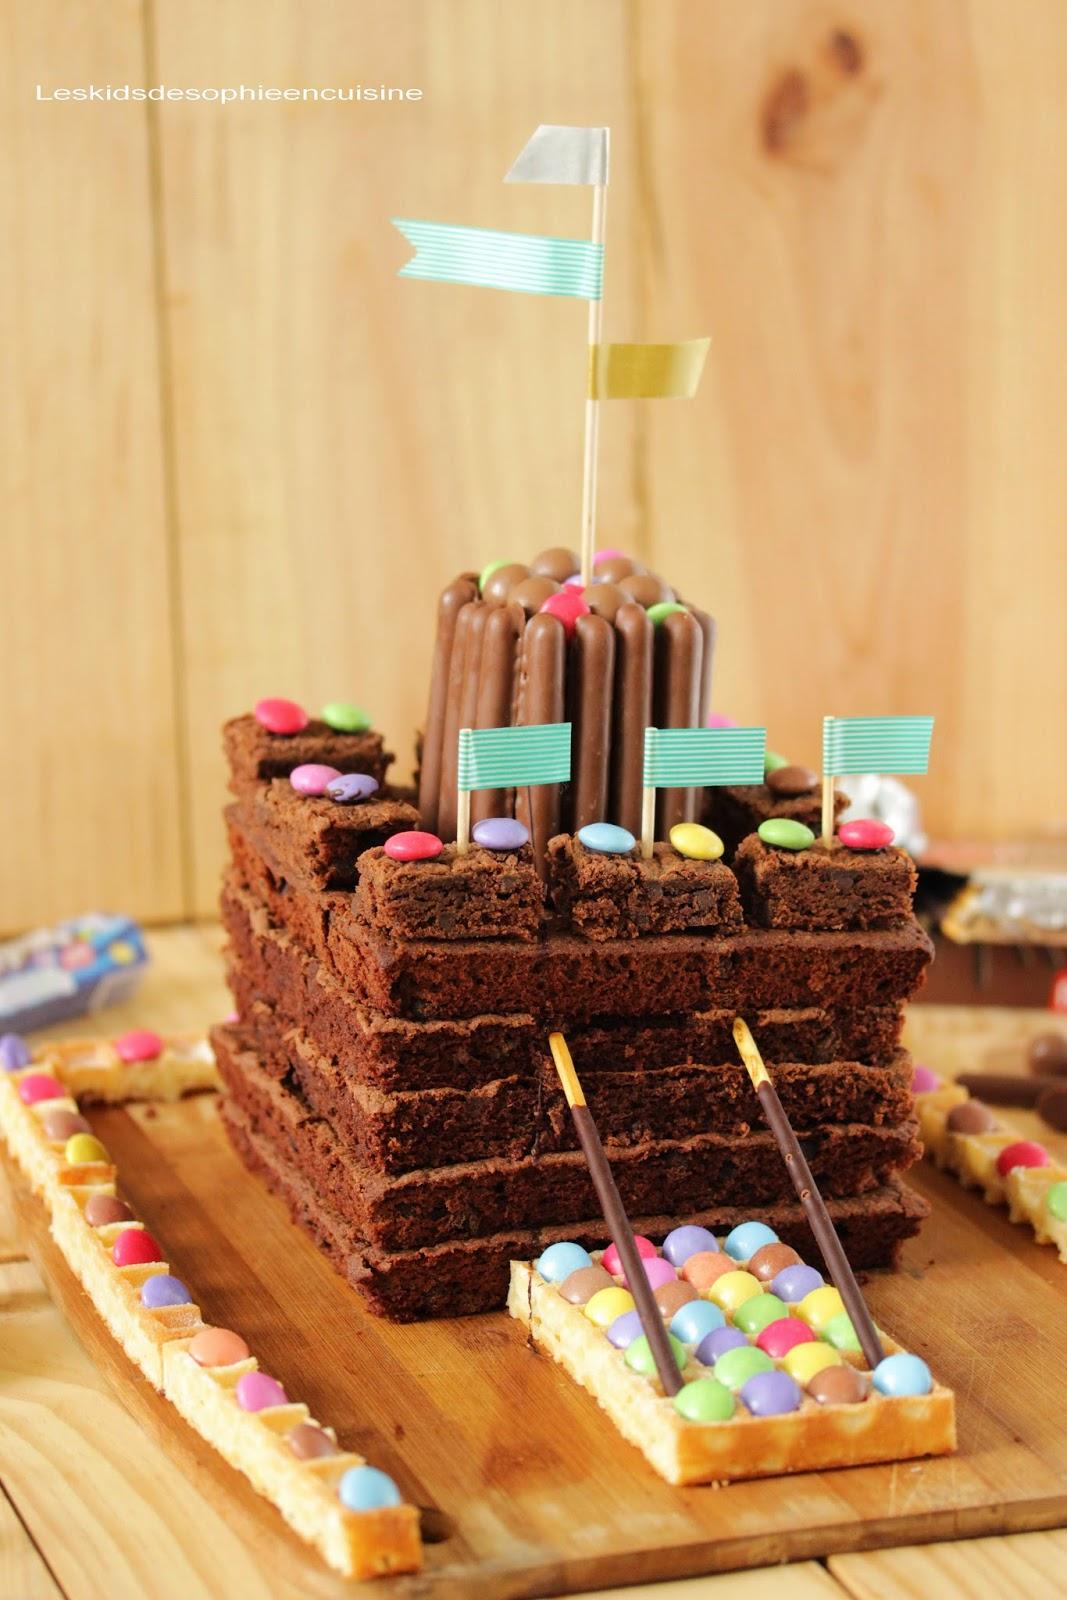 Les kids de sophie en cuisine g teau d 39 anniversaire le brownie ch teau fort r aliser en 20 - Gateau a faire avec enfant ...